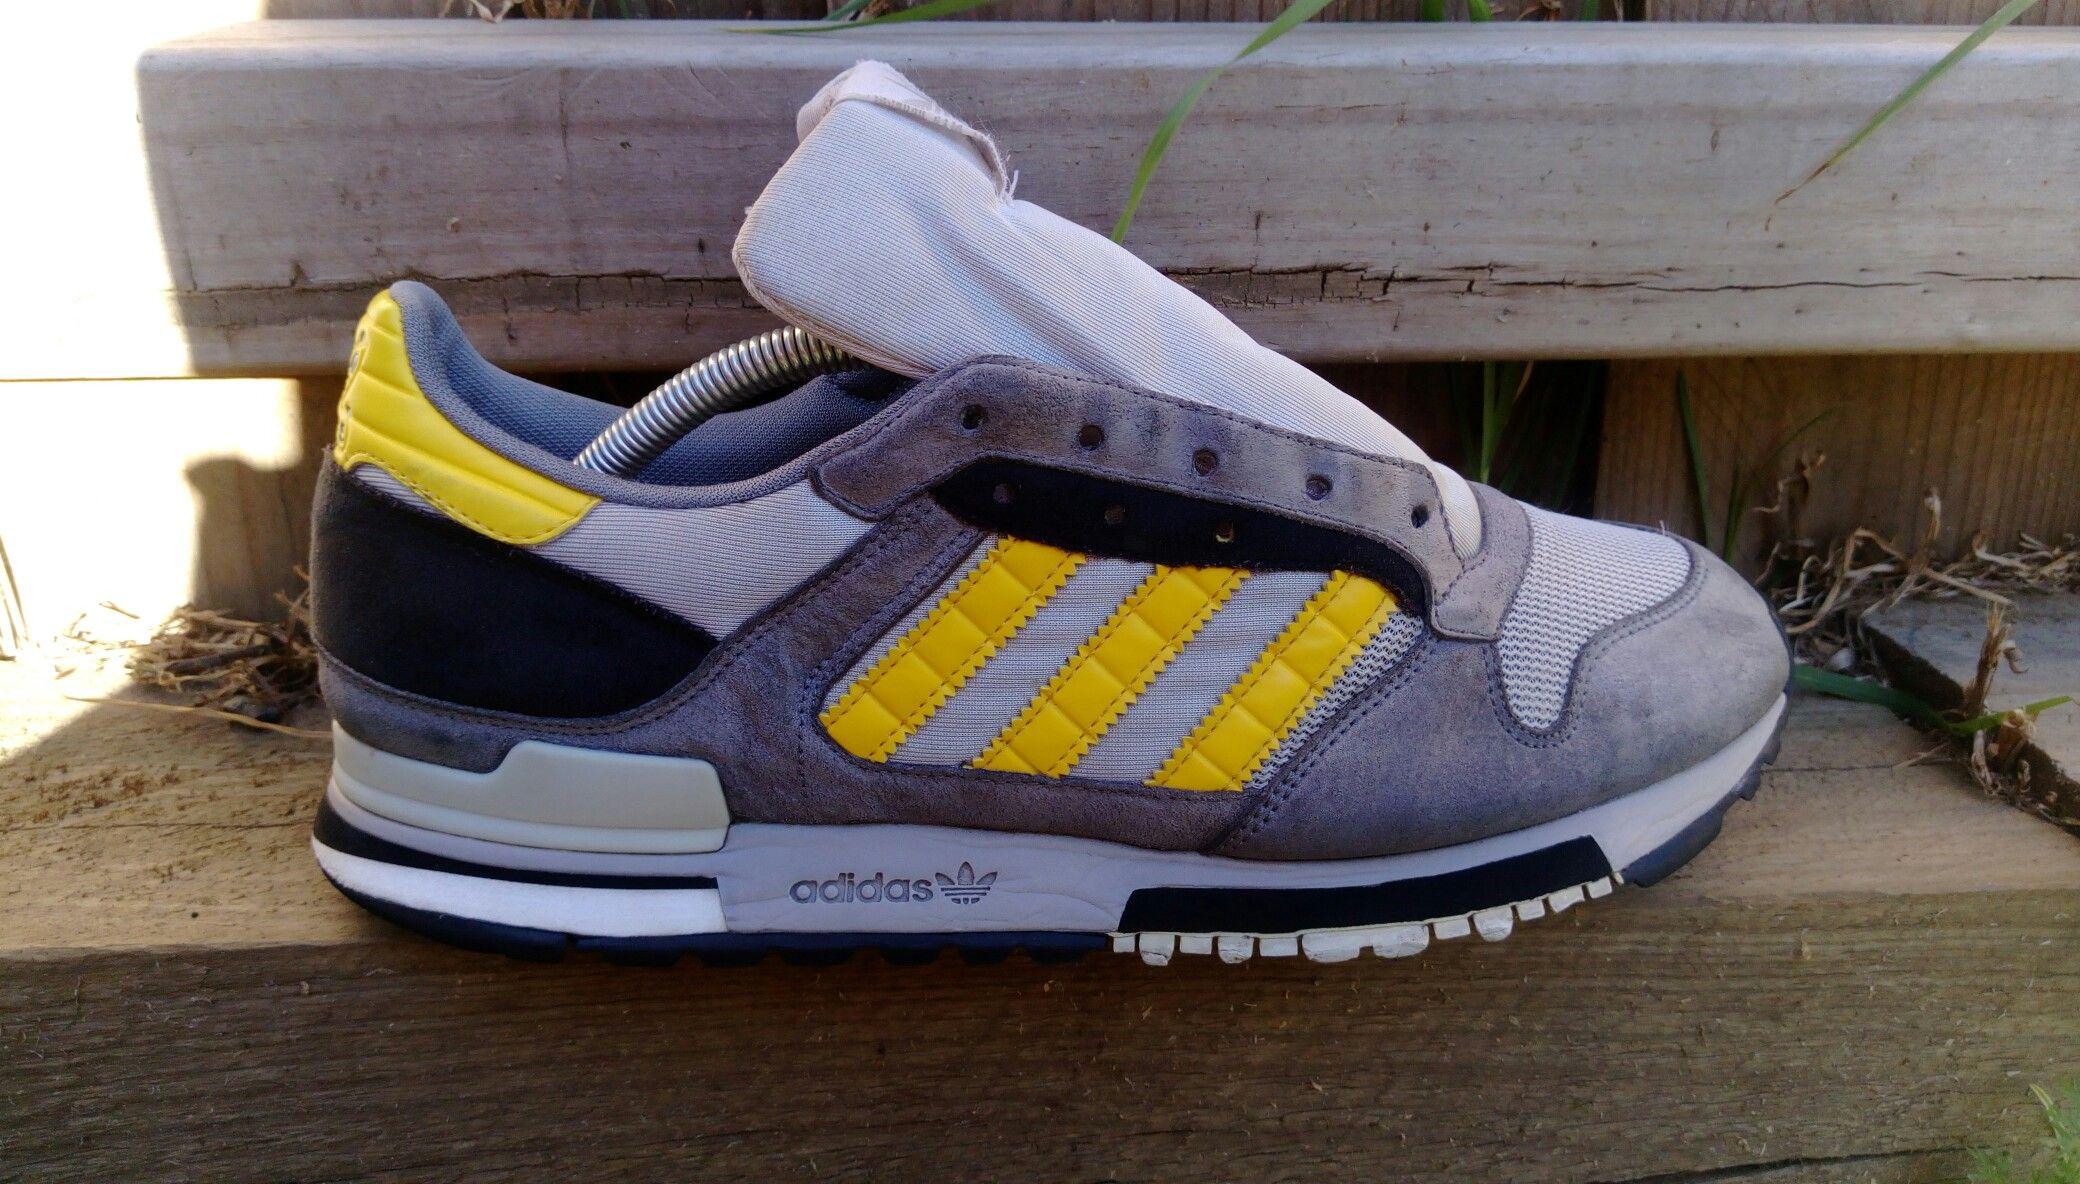 e43d92c1716db cheap adidas zx 600 5a554 f5b6d